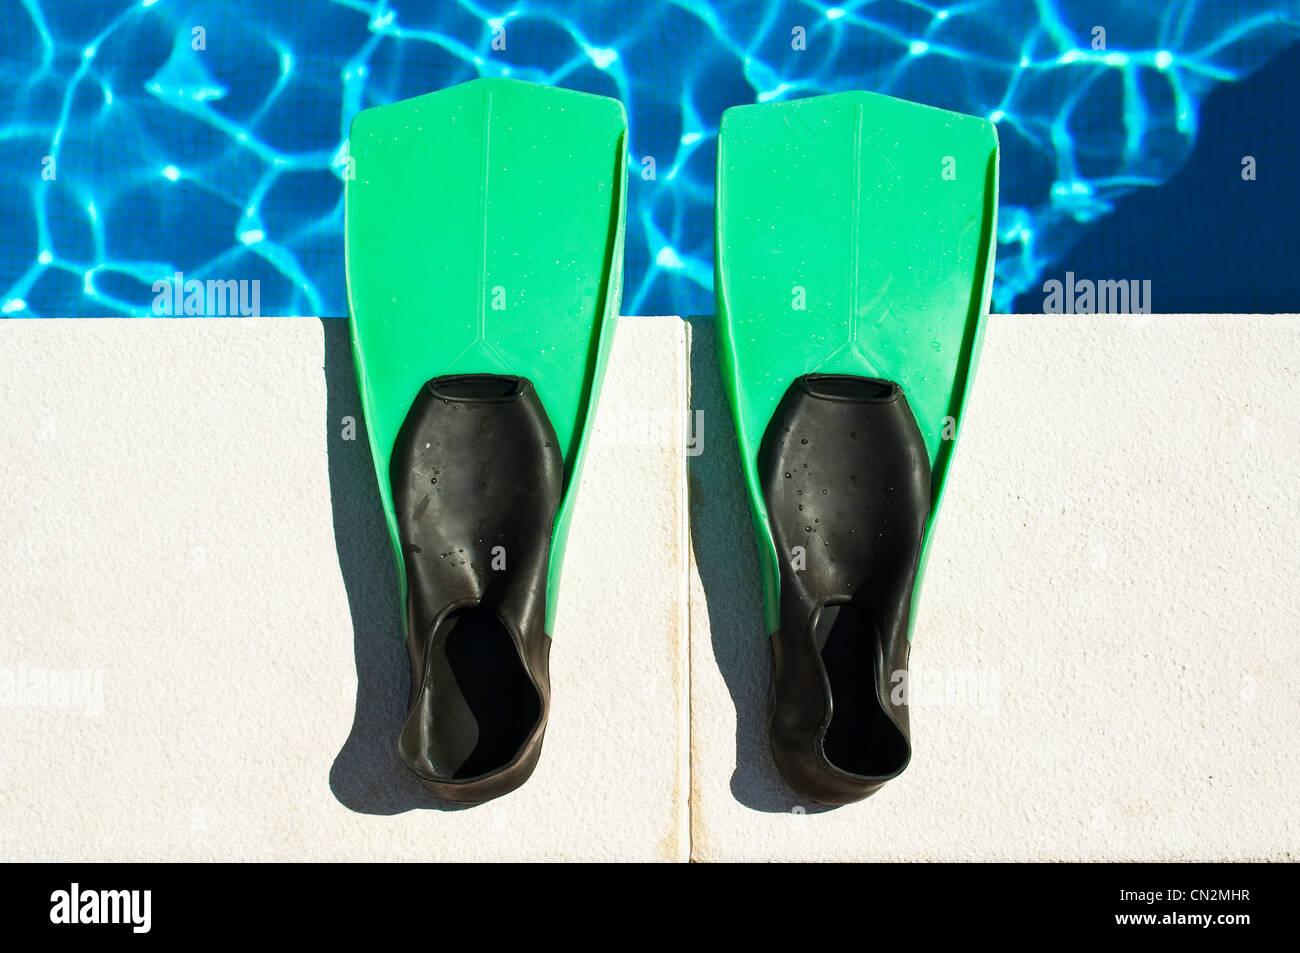 Coppia di pinne da nuoto presso la piscina Immagini Stock